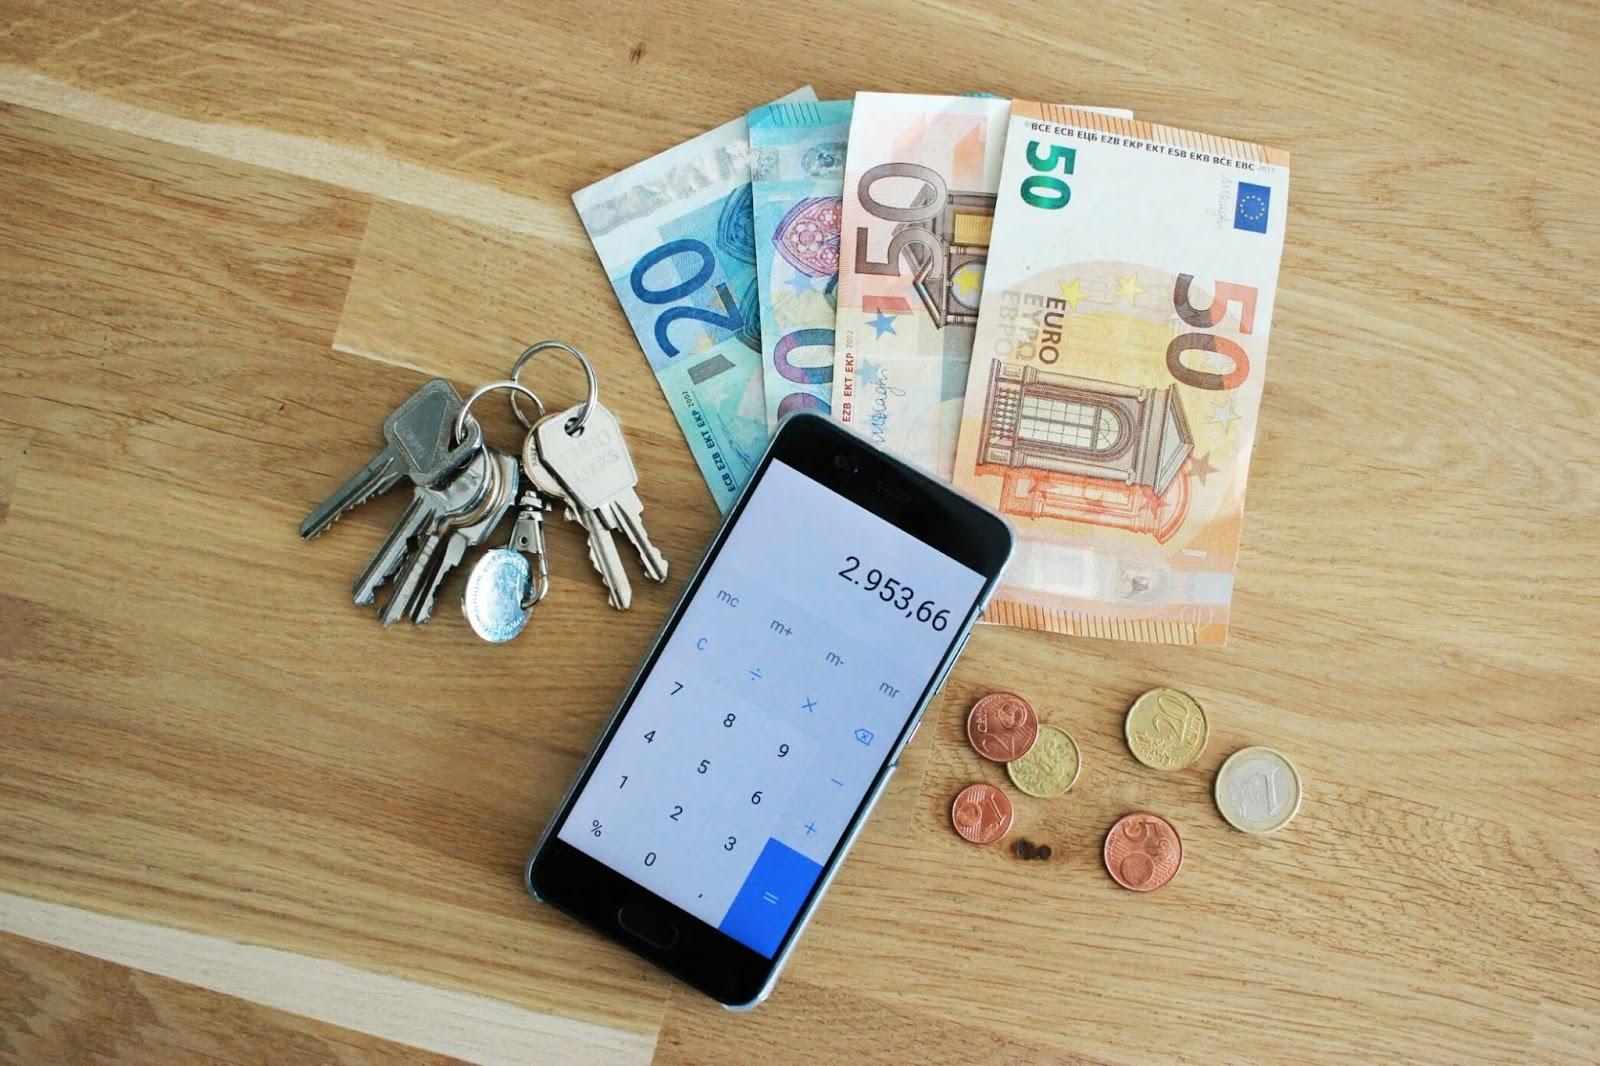 Geld terug huis kopen belasting